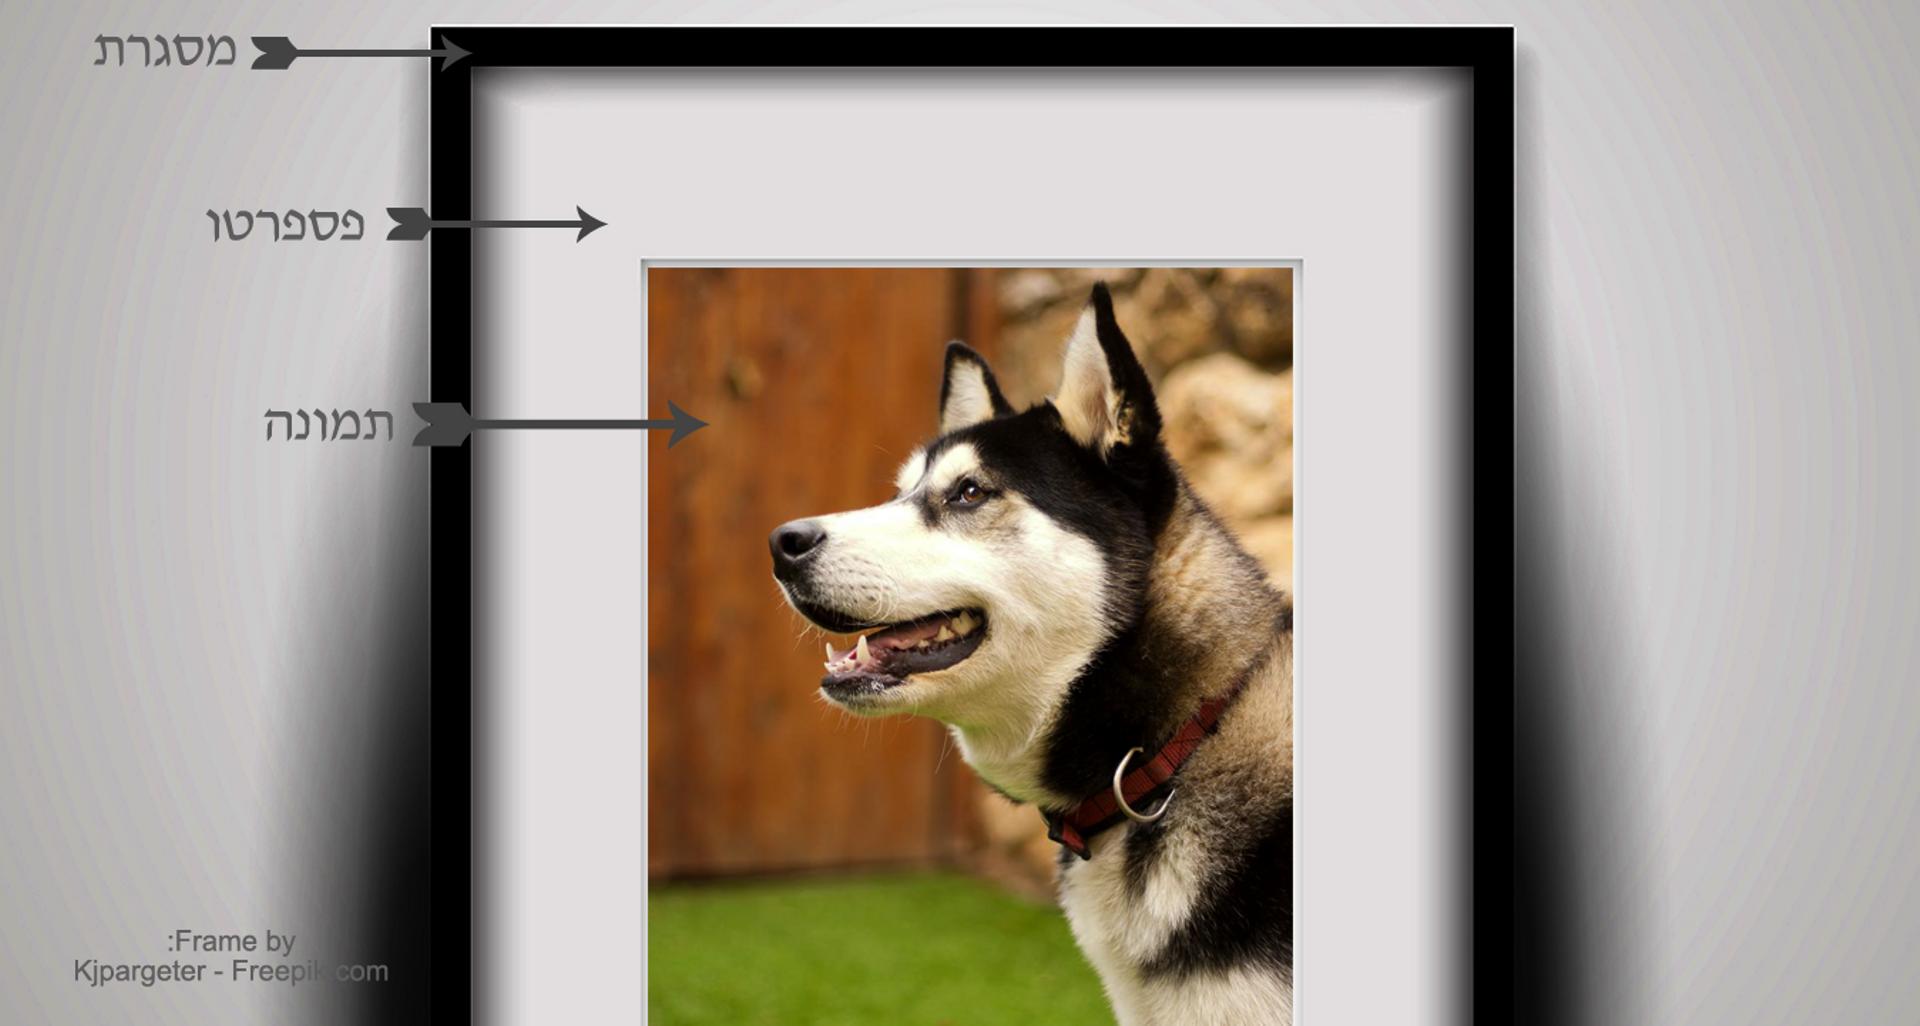 =מסגרת תמונה איכותית דגם FR9256, כולל הדפסת תמונה.